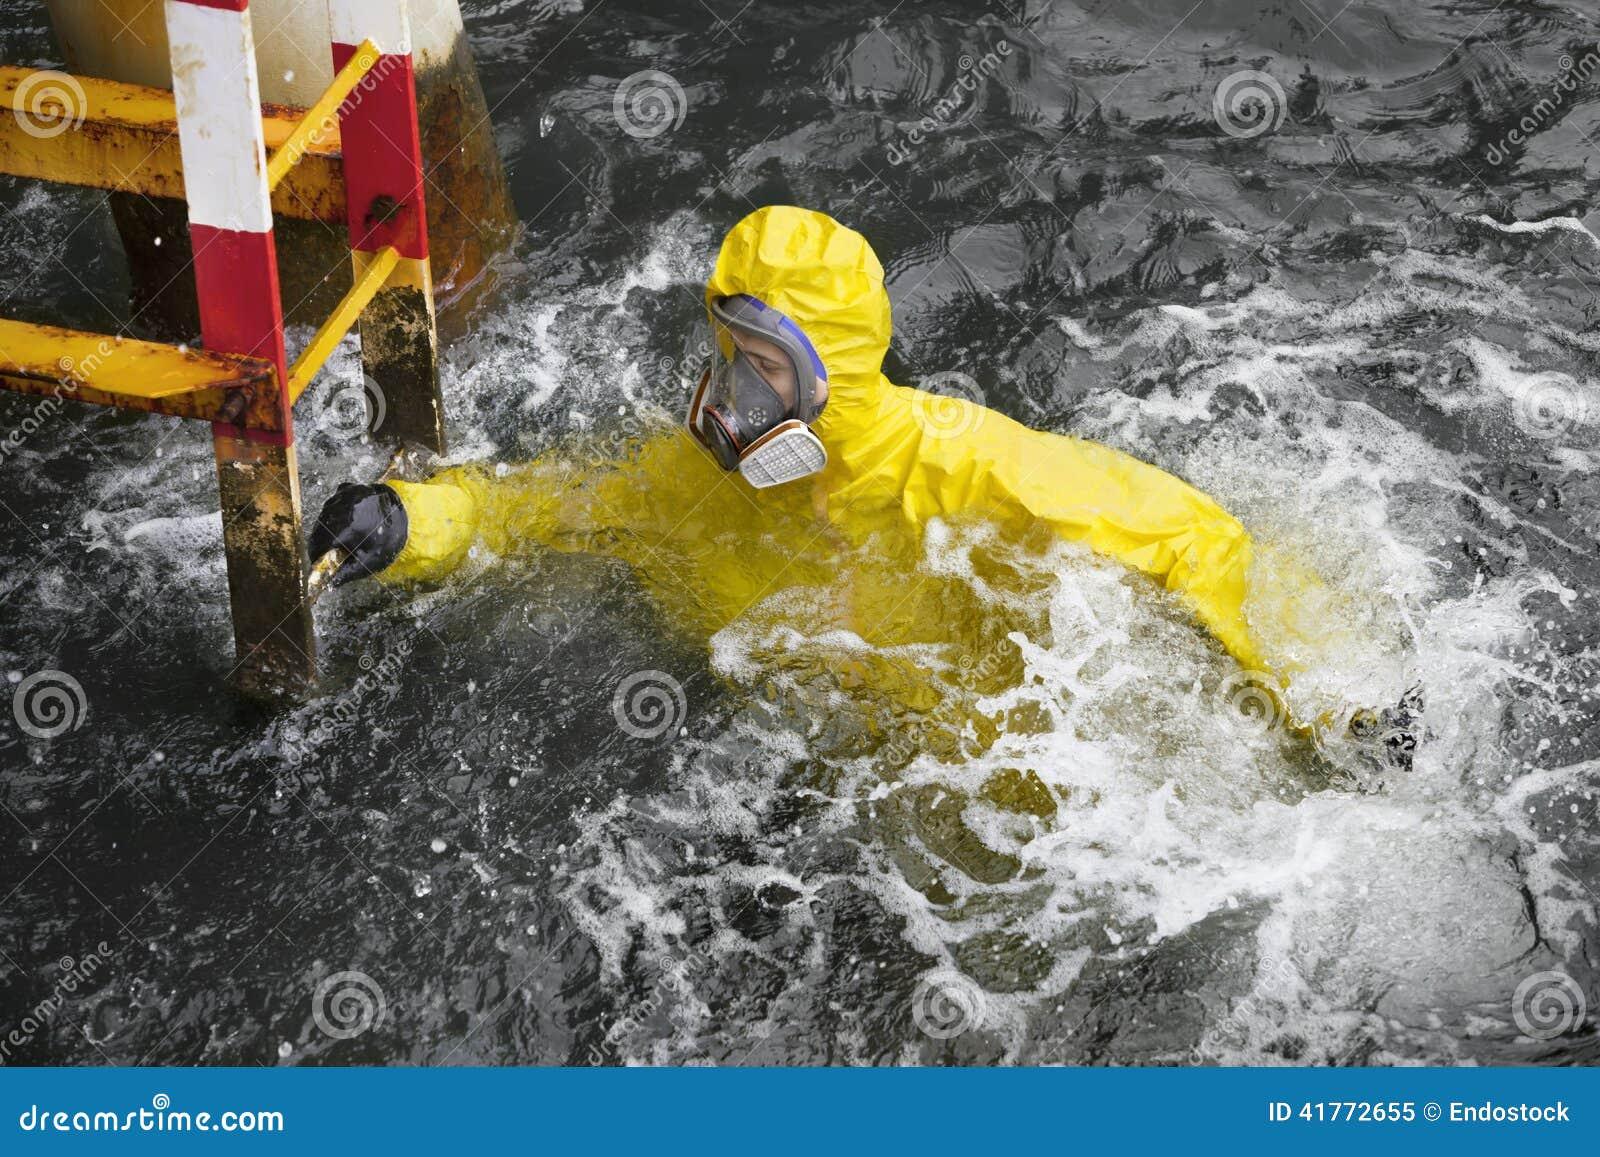 Especialista na água do mar que tenta alcançar a escada para salvar sua vida